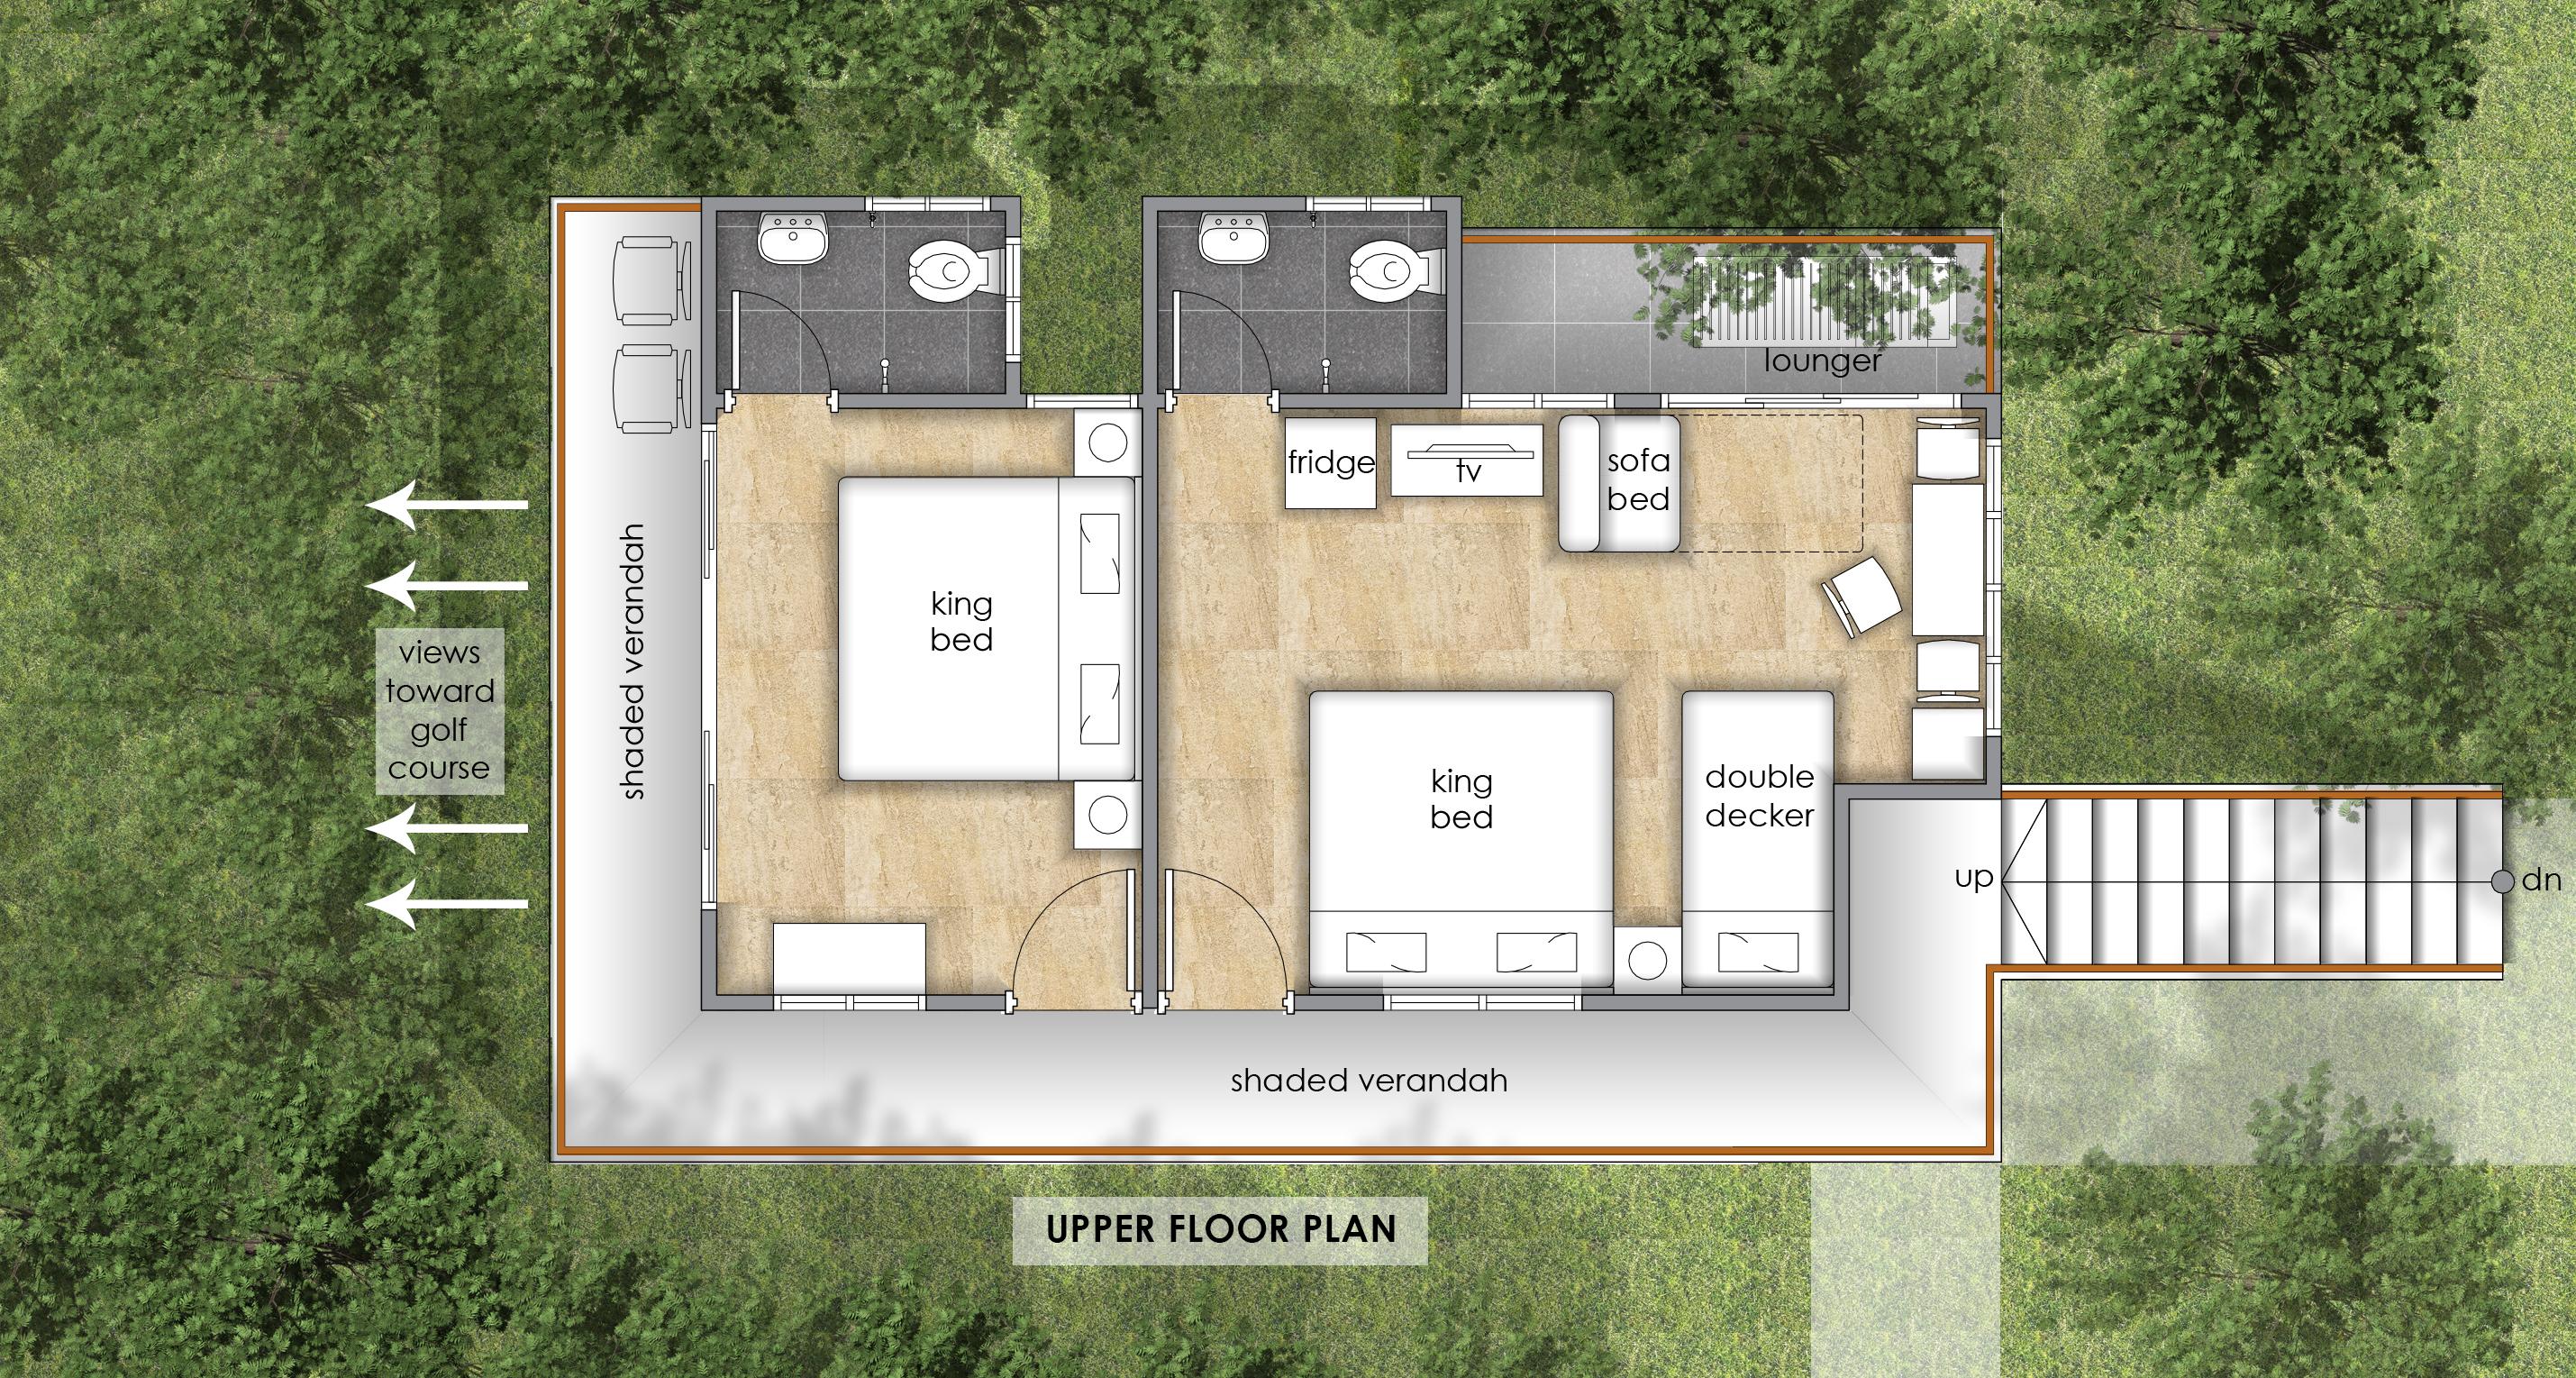 Golf-Facing Villa Upper Floor Plan